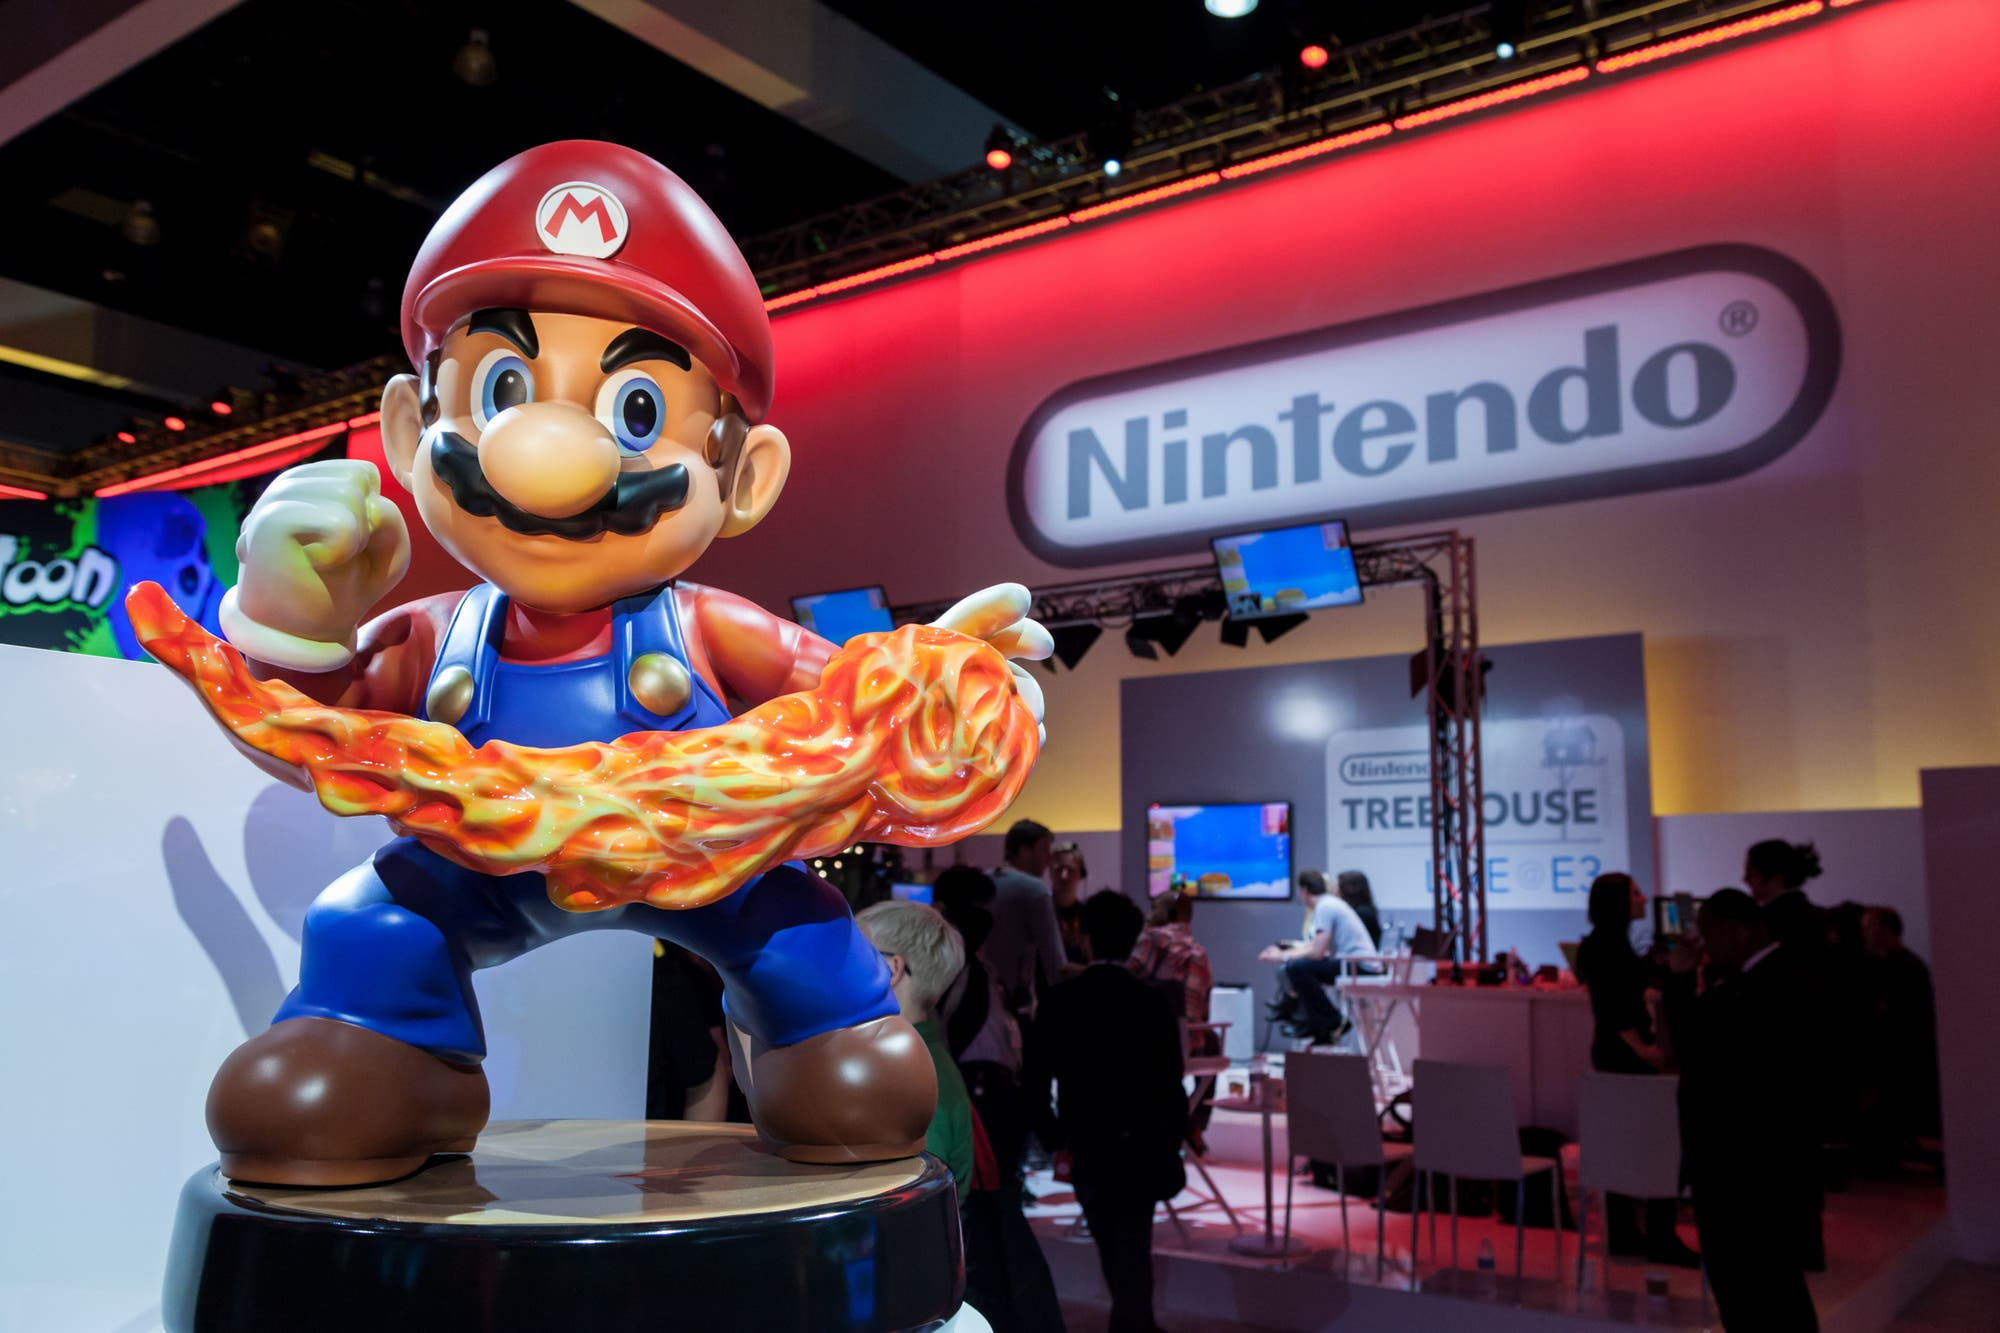 ¿Mario no es italiano? El creador de la consola NES revela la historia detrás del emblemático personaje de Nintendo